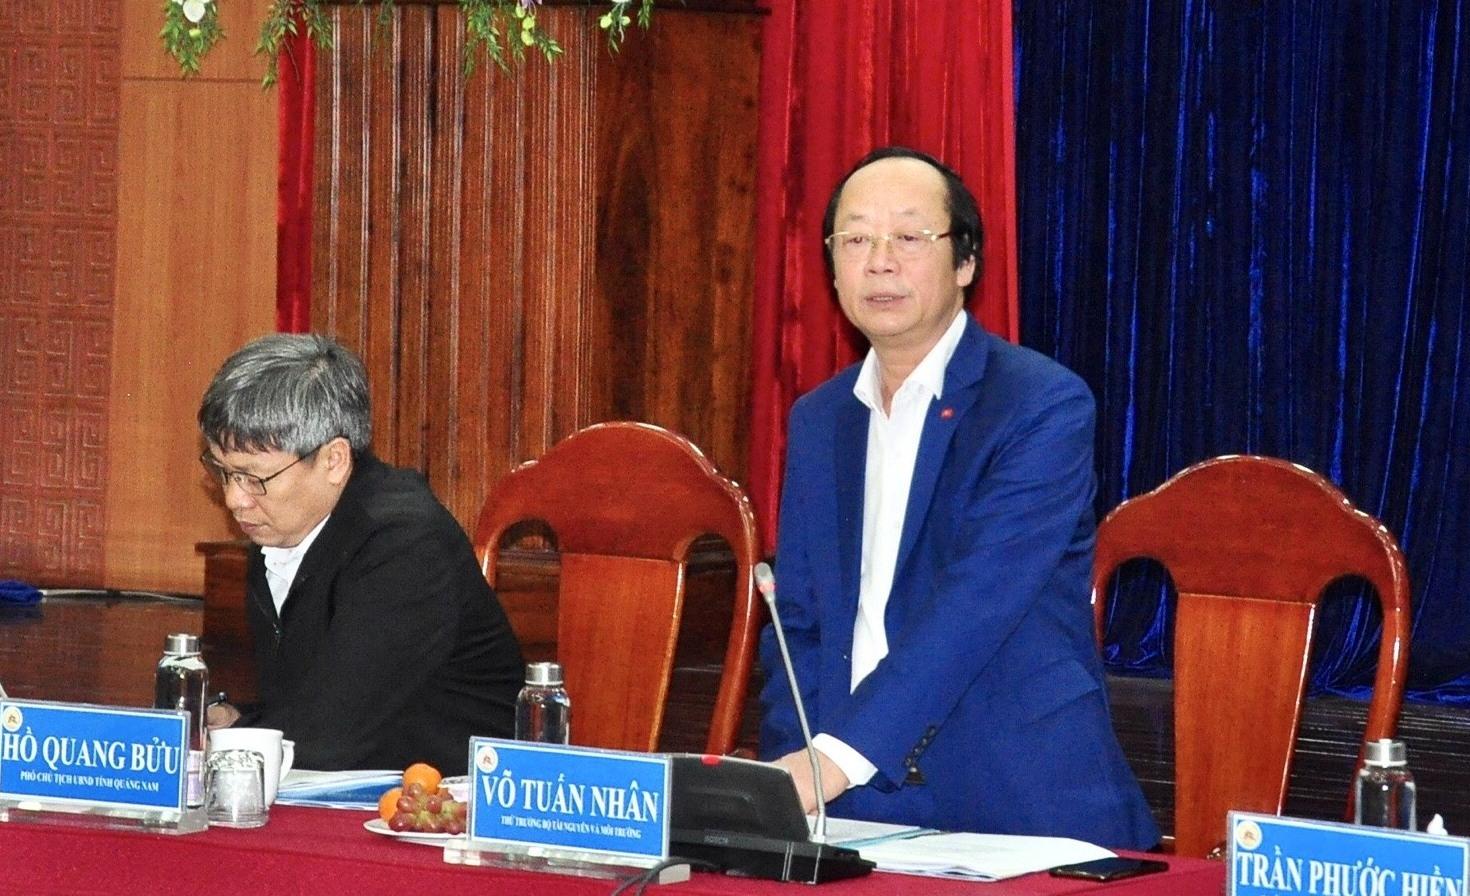 Thứ trưởng Bộ TN-MT Võ Tuấn Nhân phát biểu tại buổi làm việc. Ảnh: V.ANH